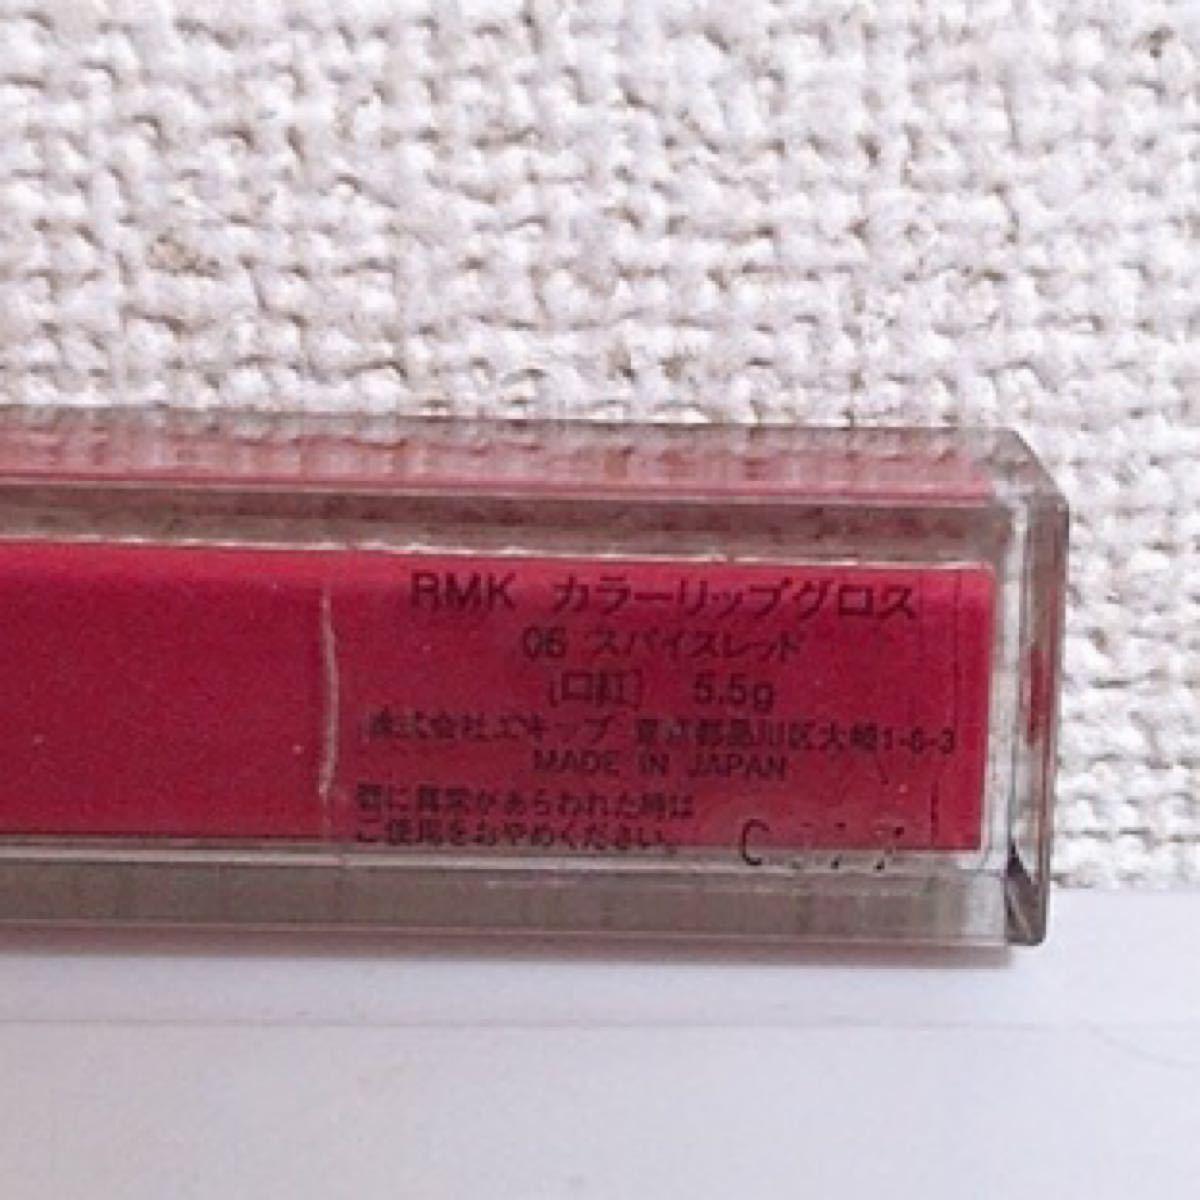 RMK リップグロス 06スパイスレッド